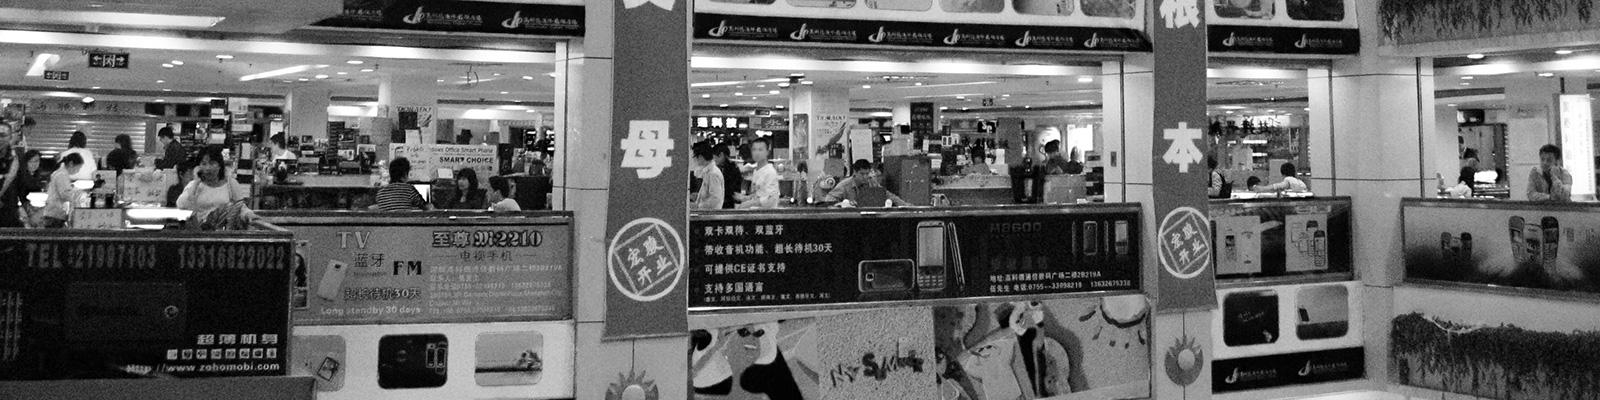 中国の携帯電話ショップ